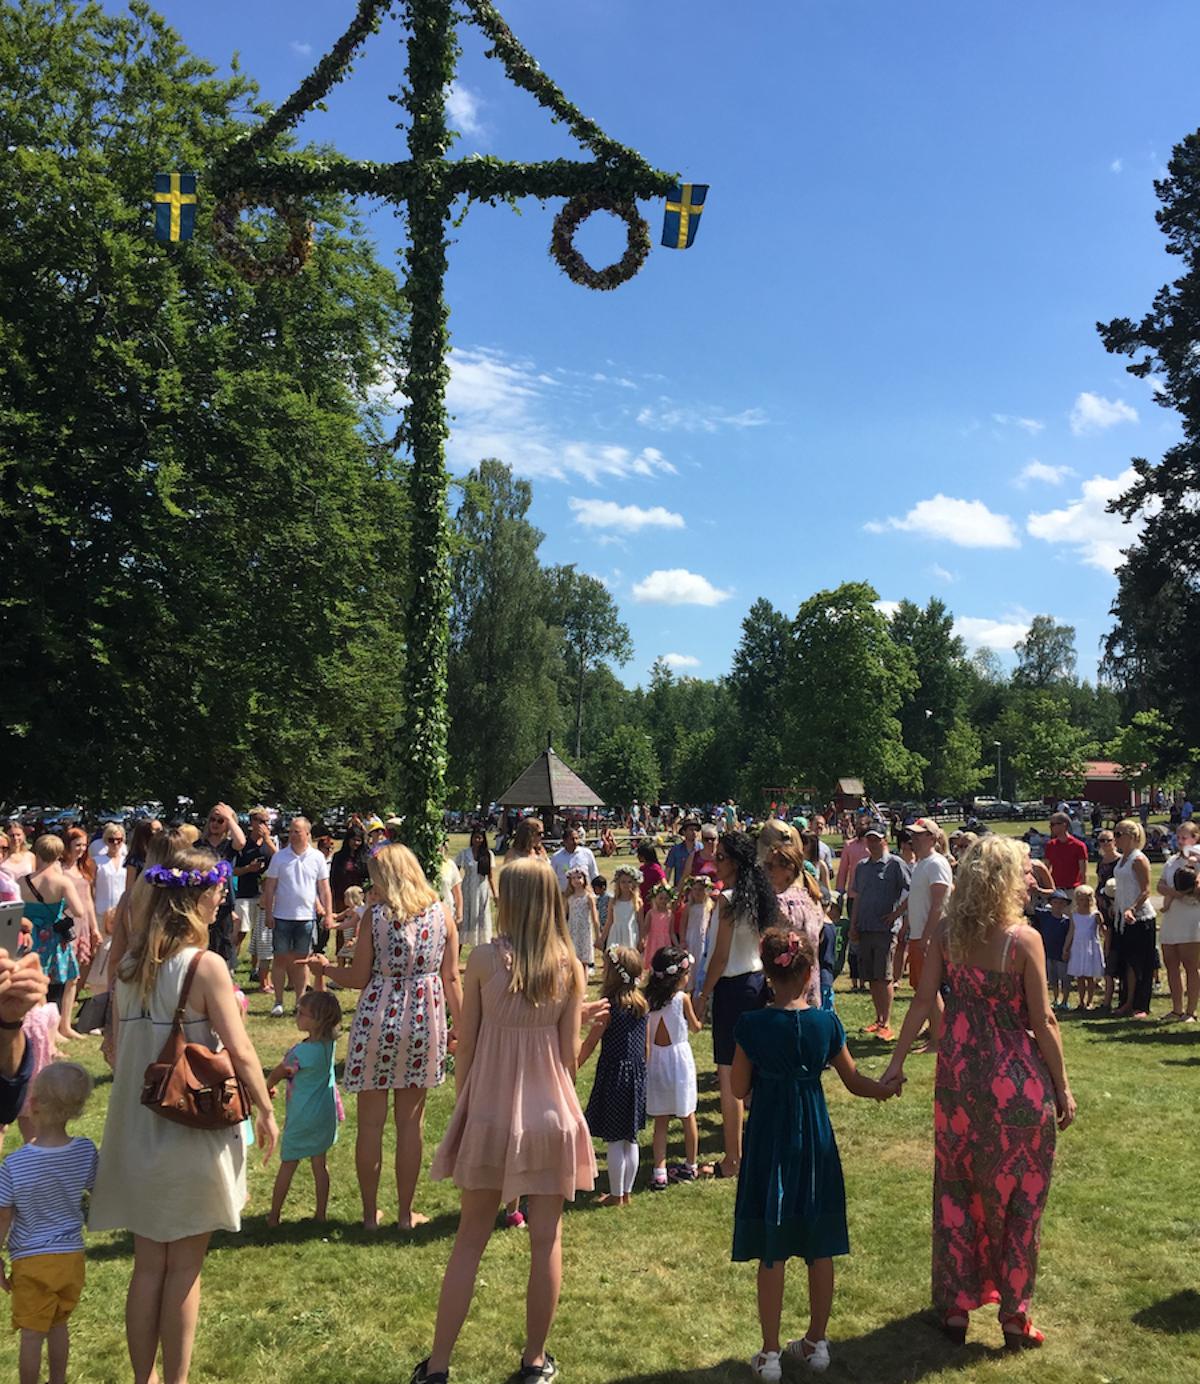 """Swedish midsummer celebration, Swedes dancing to """"små grodorna"""""""